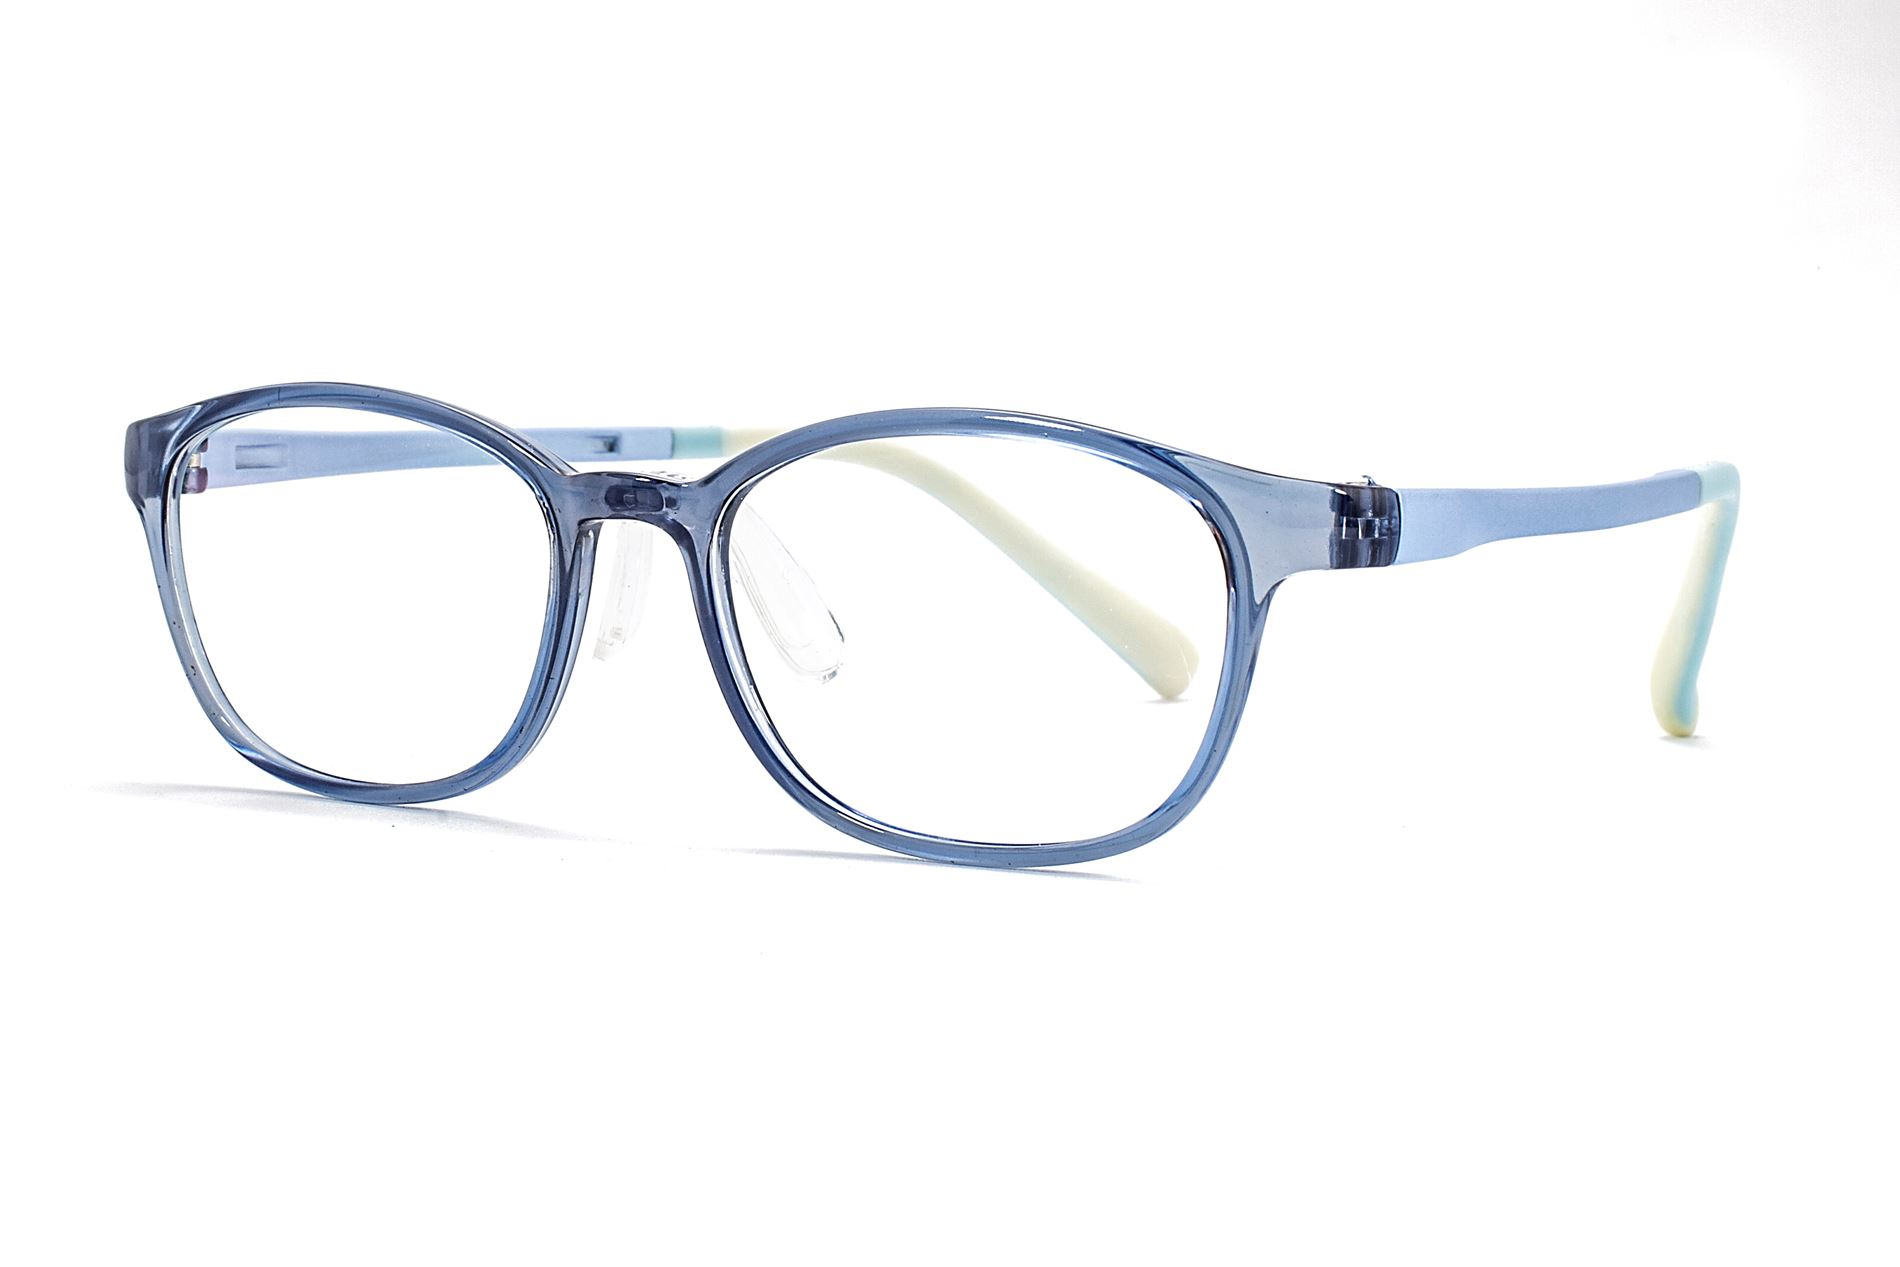 兒童抗藍光眼鏡含無度數鏡片 9816-C51